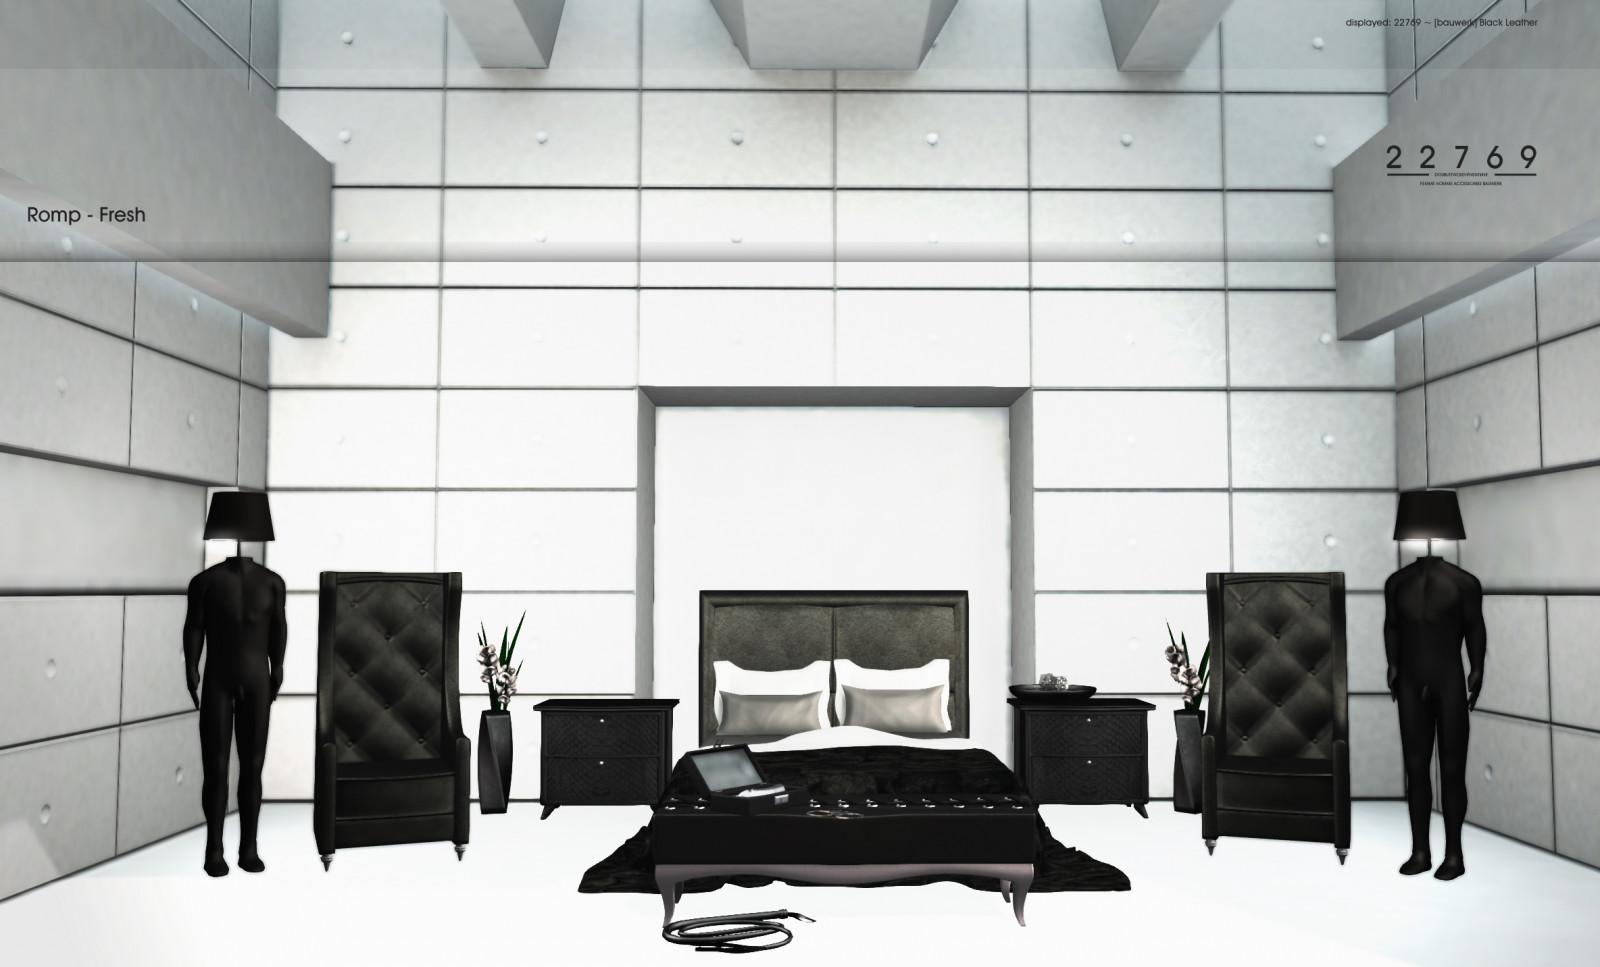 Hintergrundbilder Fenster Bett Mauer Buro Schlafzimmer